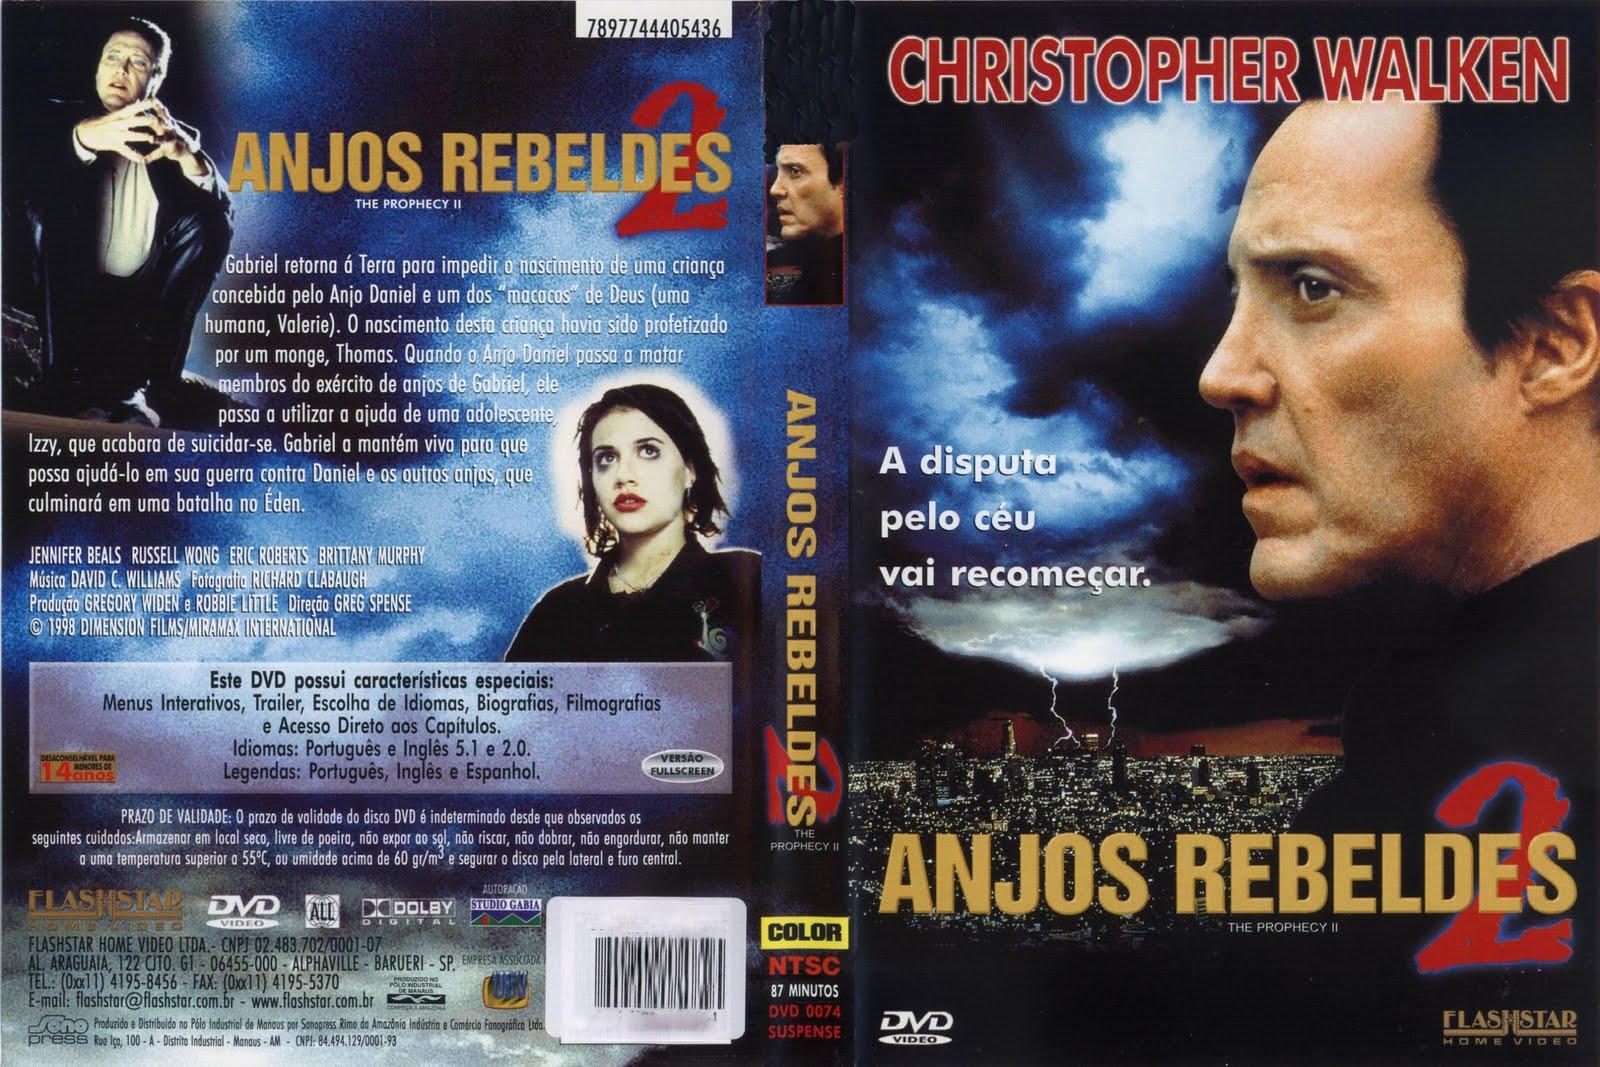 http://3.bp.blogspot.com/_56N_enXK-4o/TRnGOYLOd1I/AAAAAAAAAZk/z9PbiwaT7m0/s1600/Anjos-Rebeldes-2.jpg